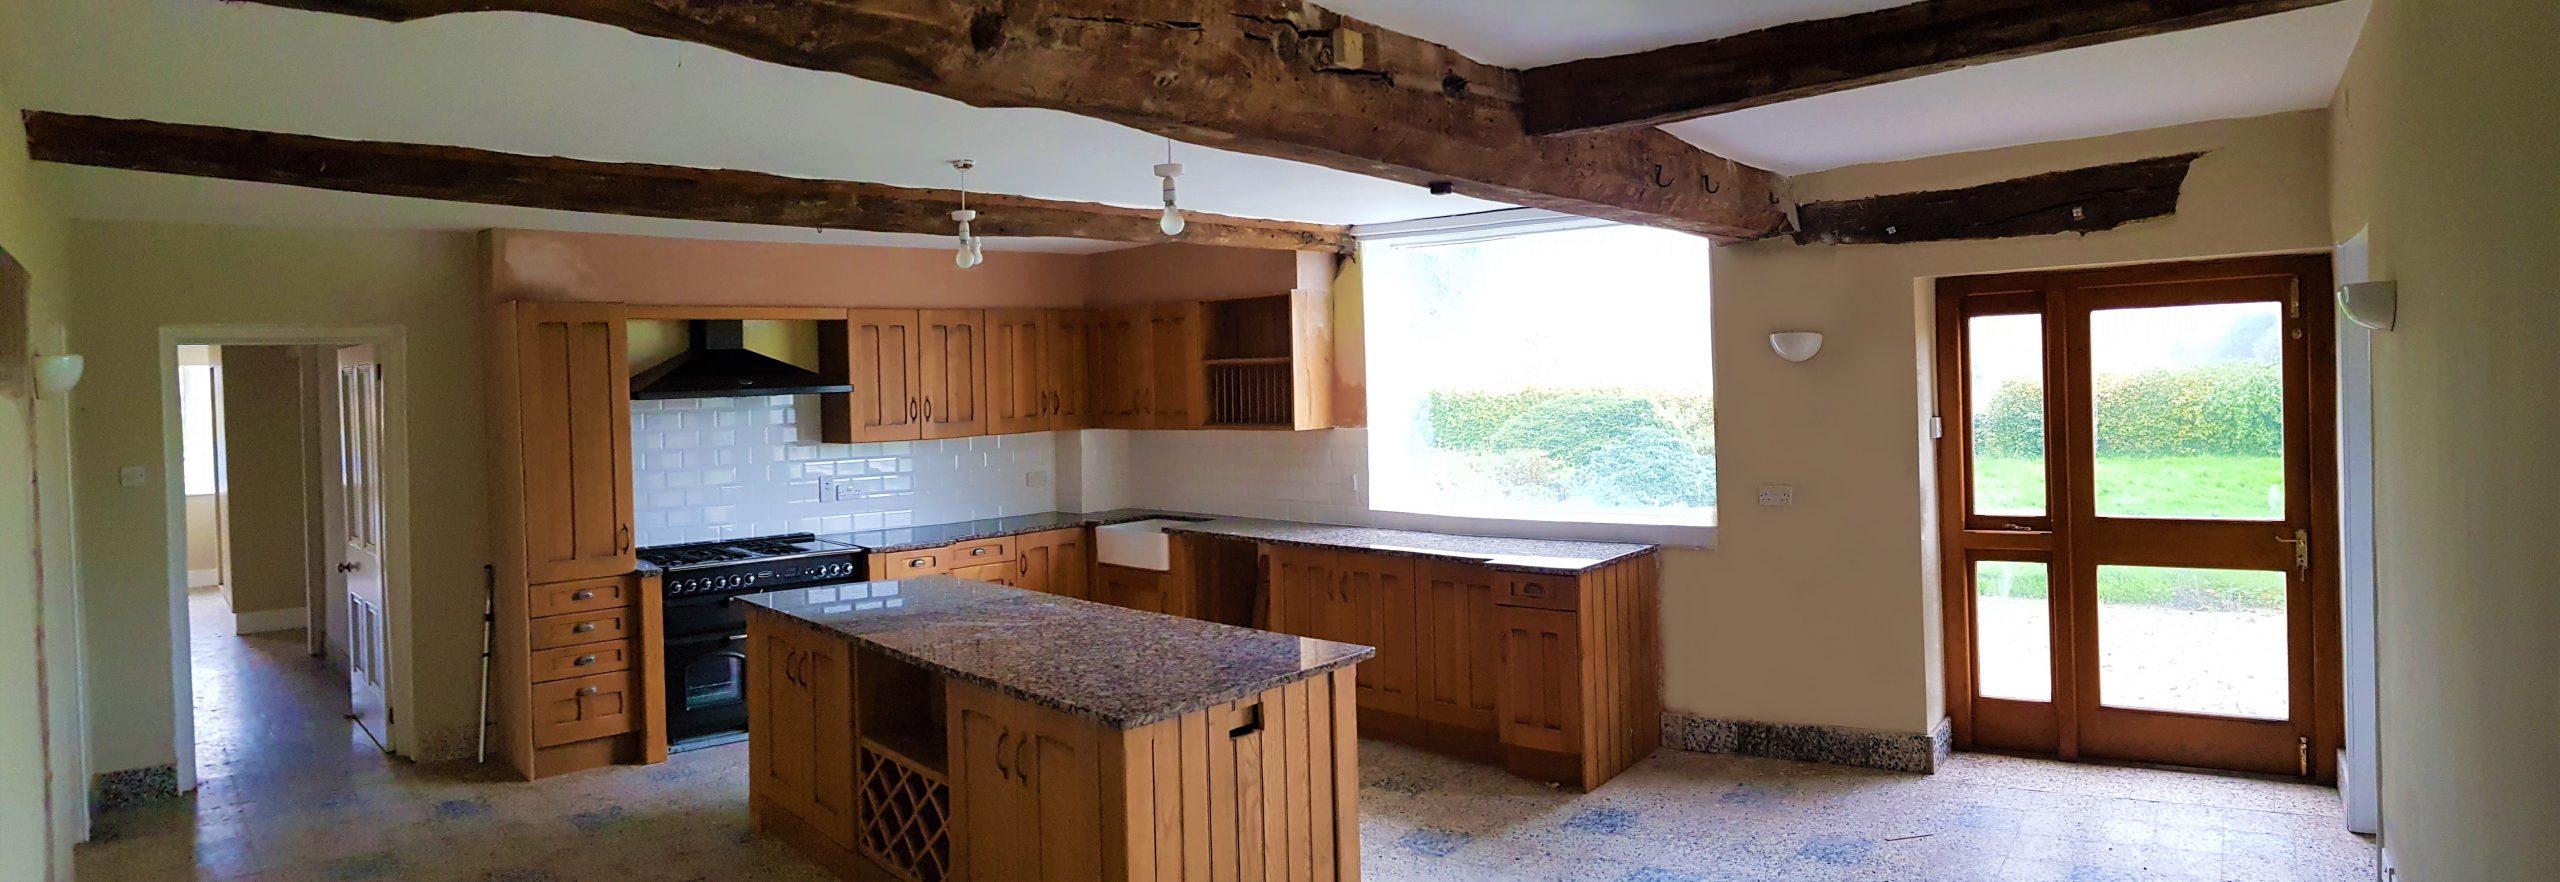 Rodenhurst Kitchen